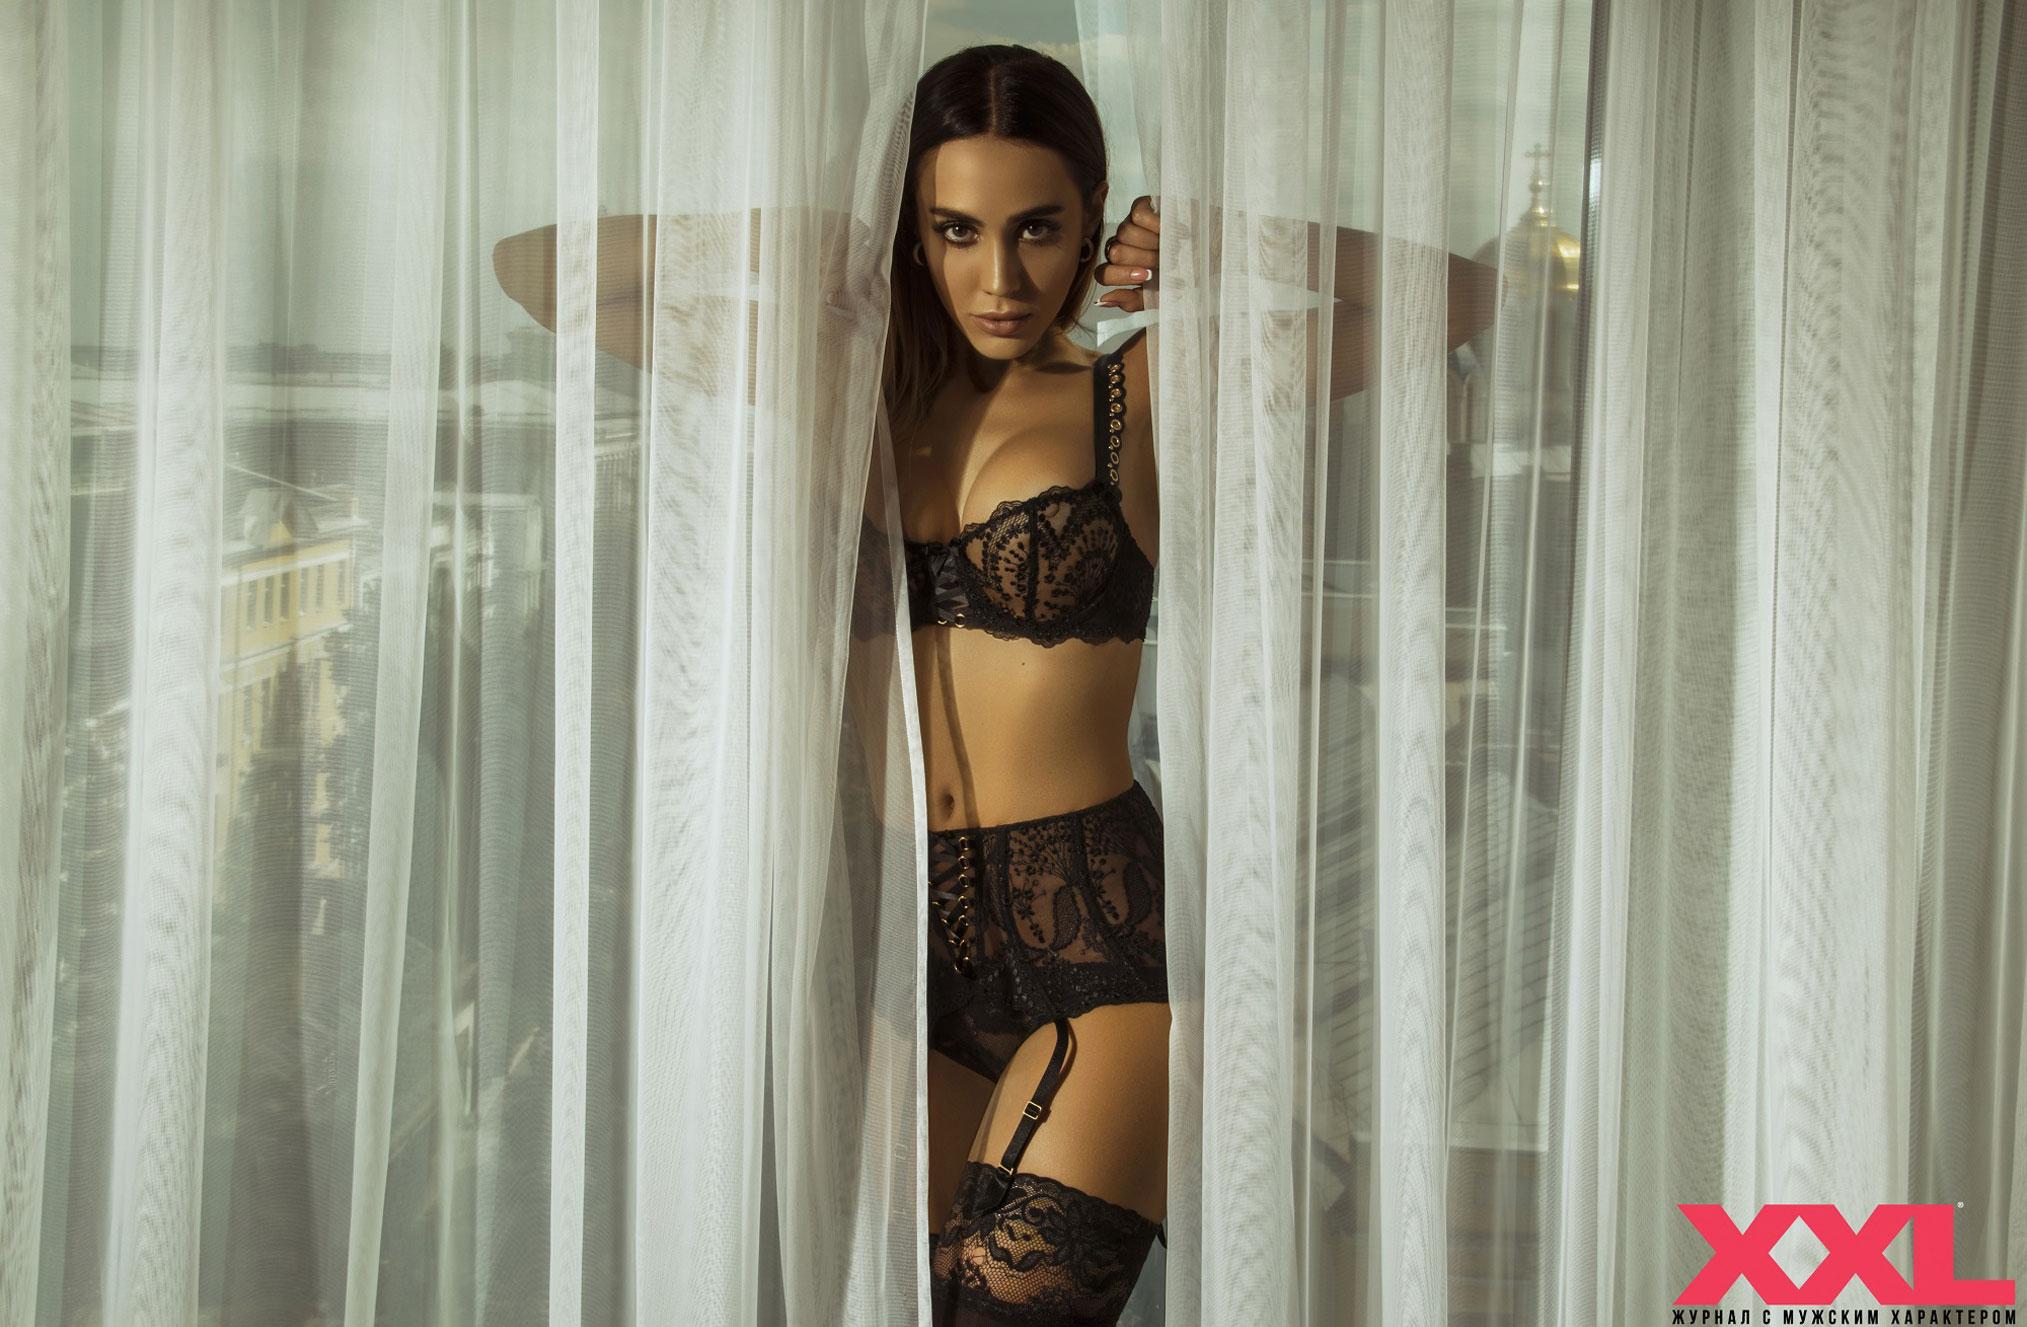 Актриса, модель и телеведущая Эмма Ди в нижнем белье в мужском журнале XXL / фото 02